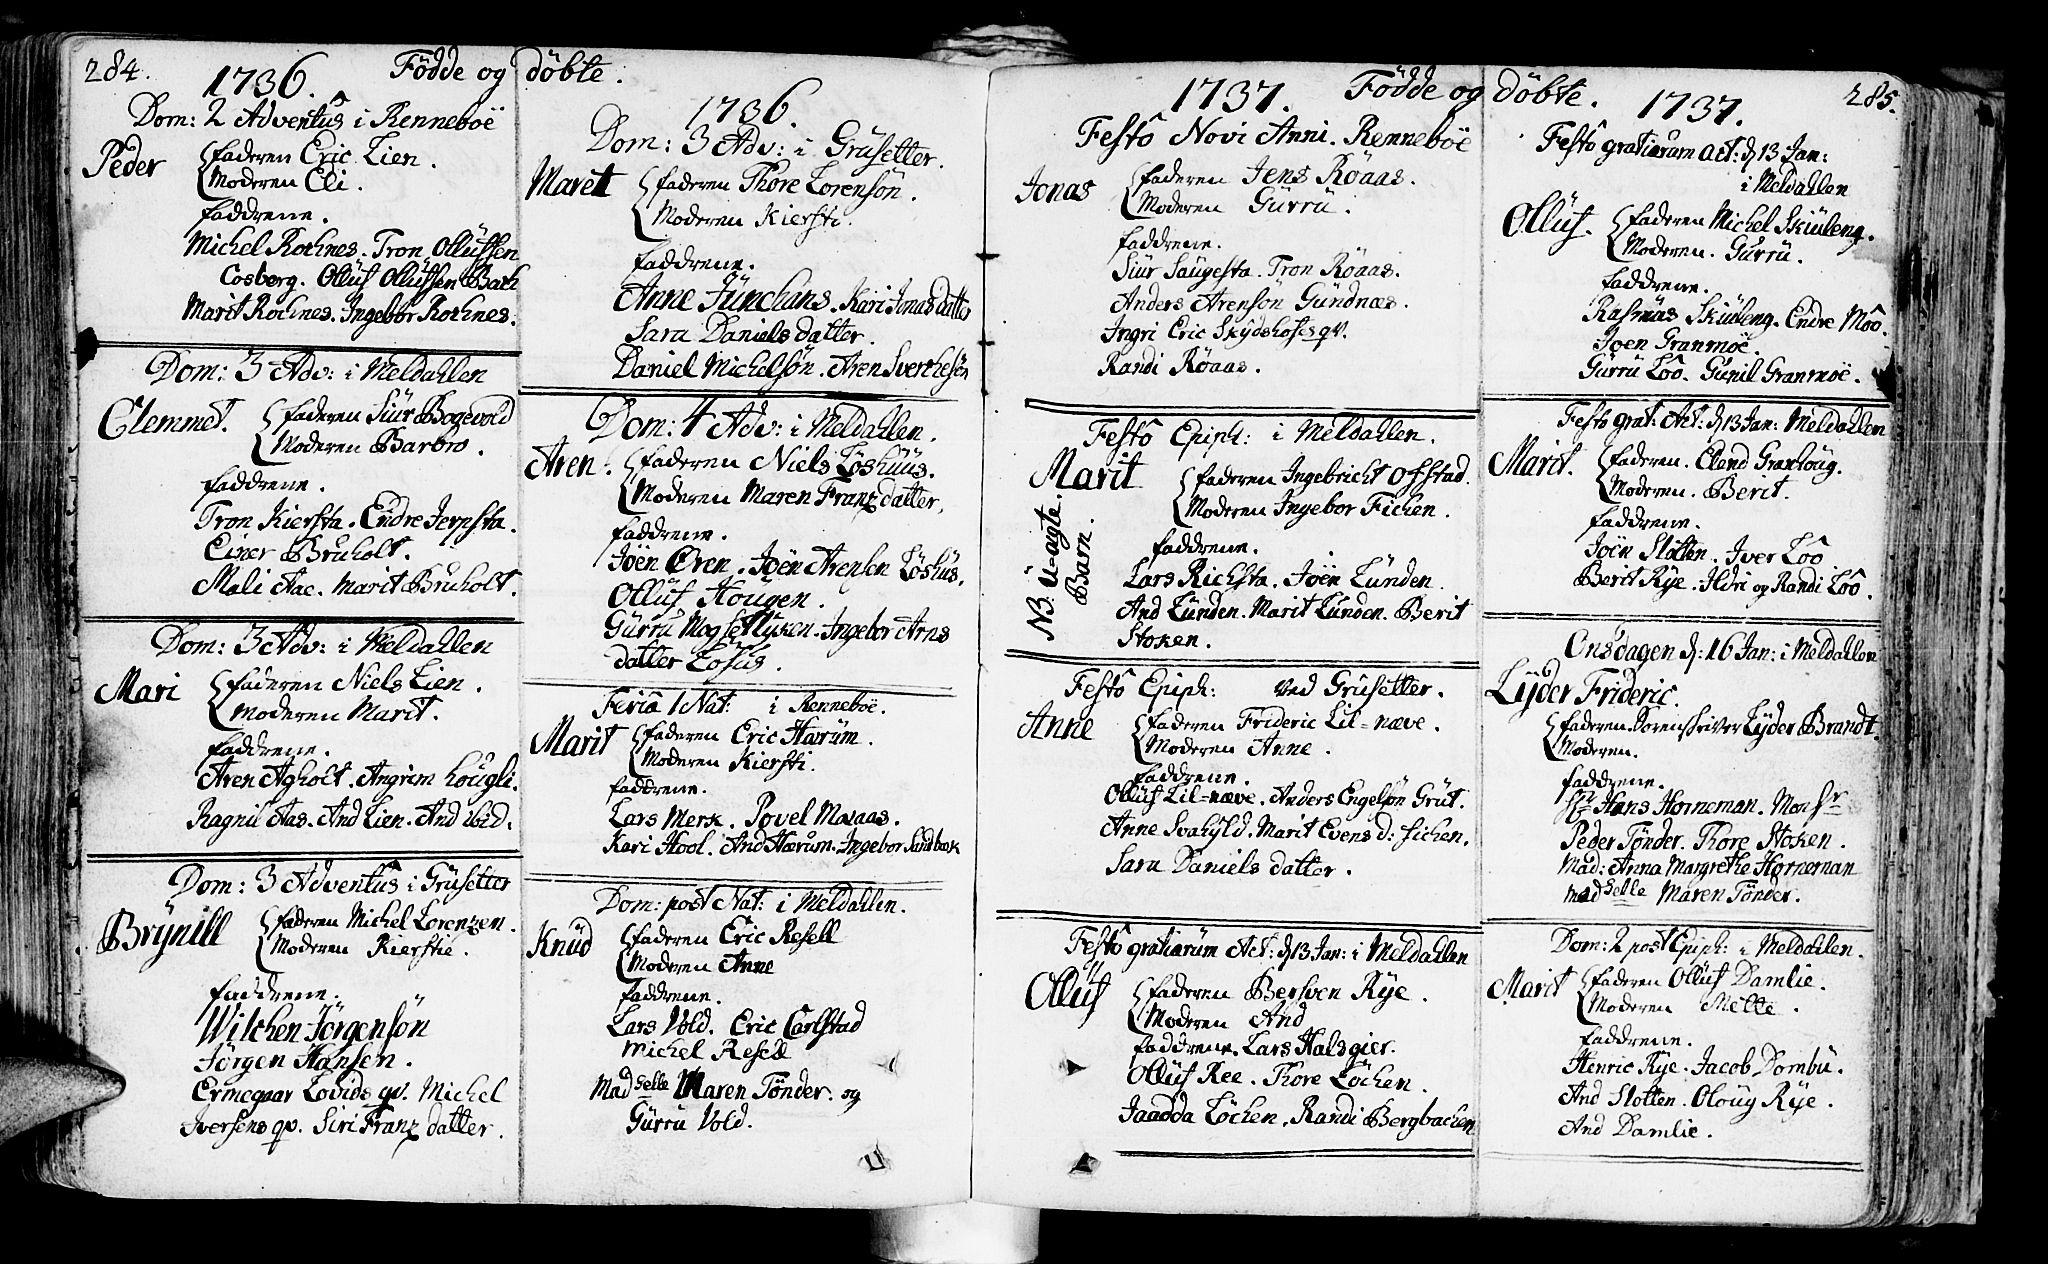 SAT, Ministerialprotokoller, klokkerbøker og fødselsregistre - Sør-Trøndelag, 672/L0850: Ministerialbok nr. 672A03, 1725-1751, s. 284-285